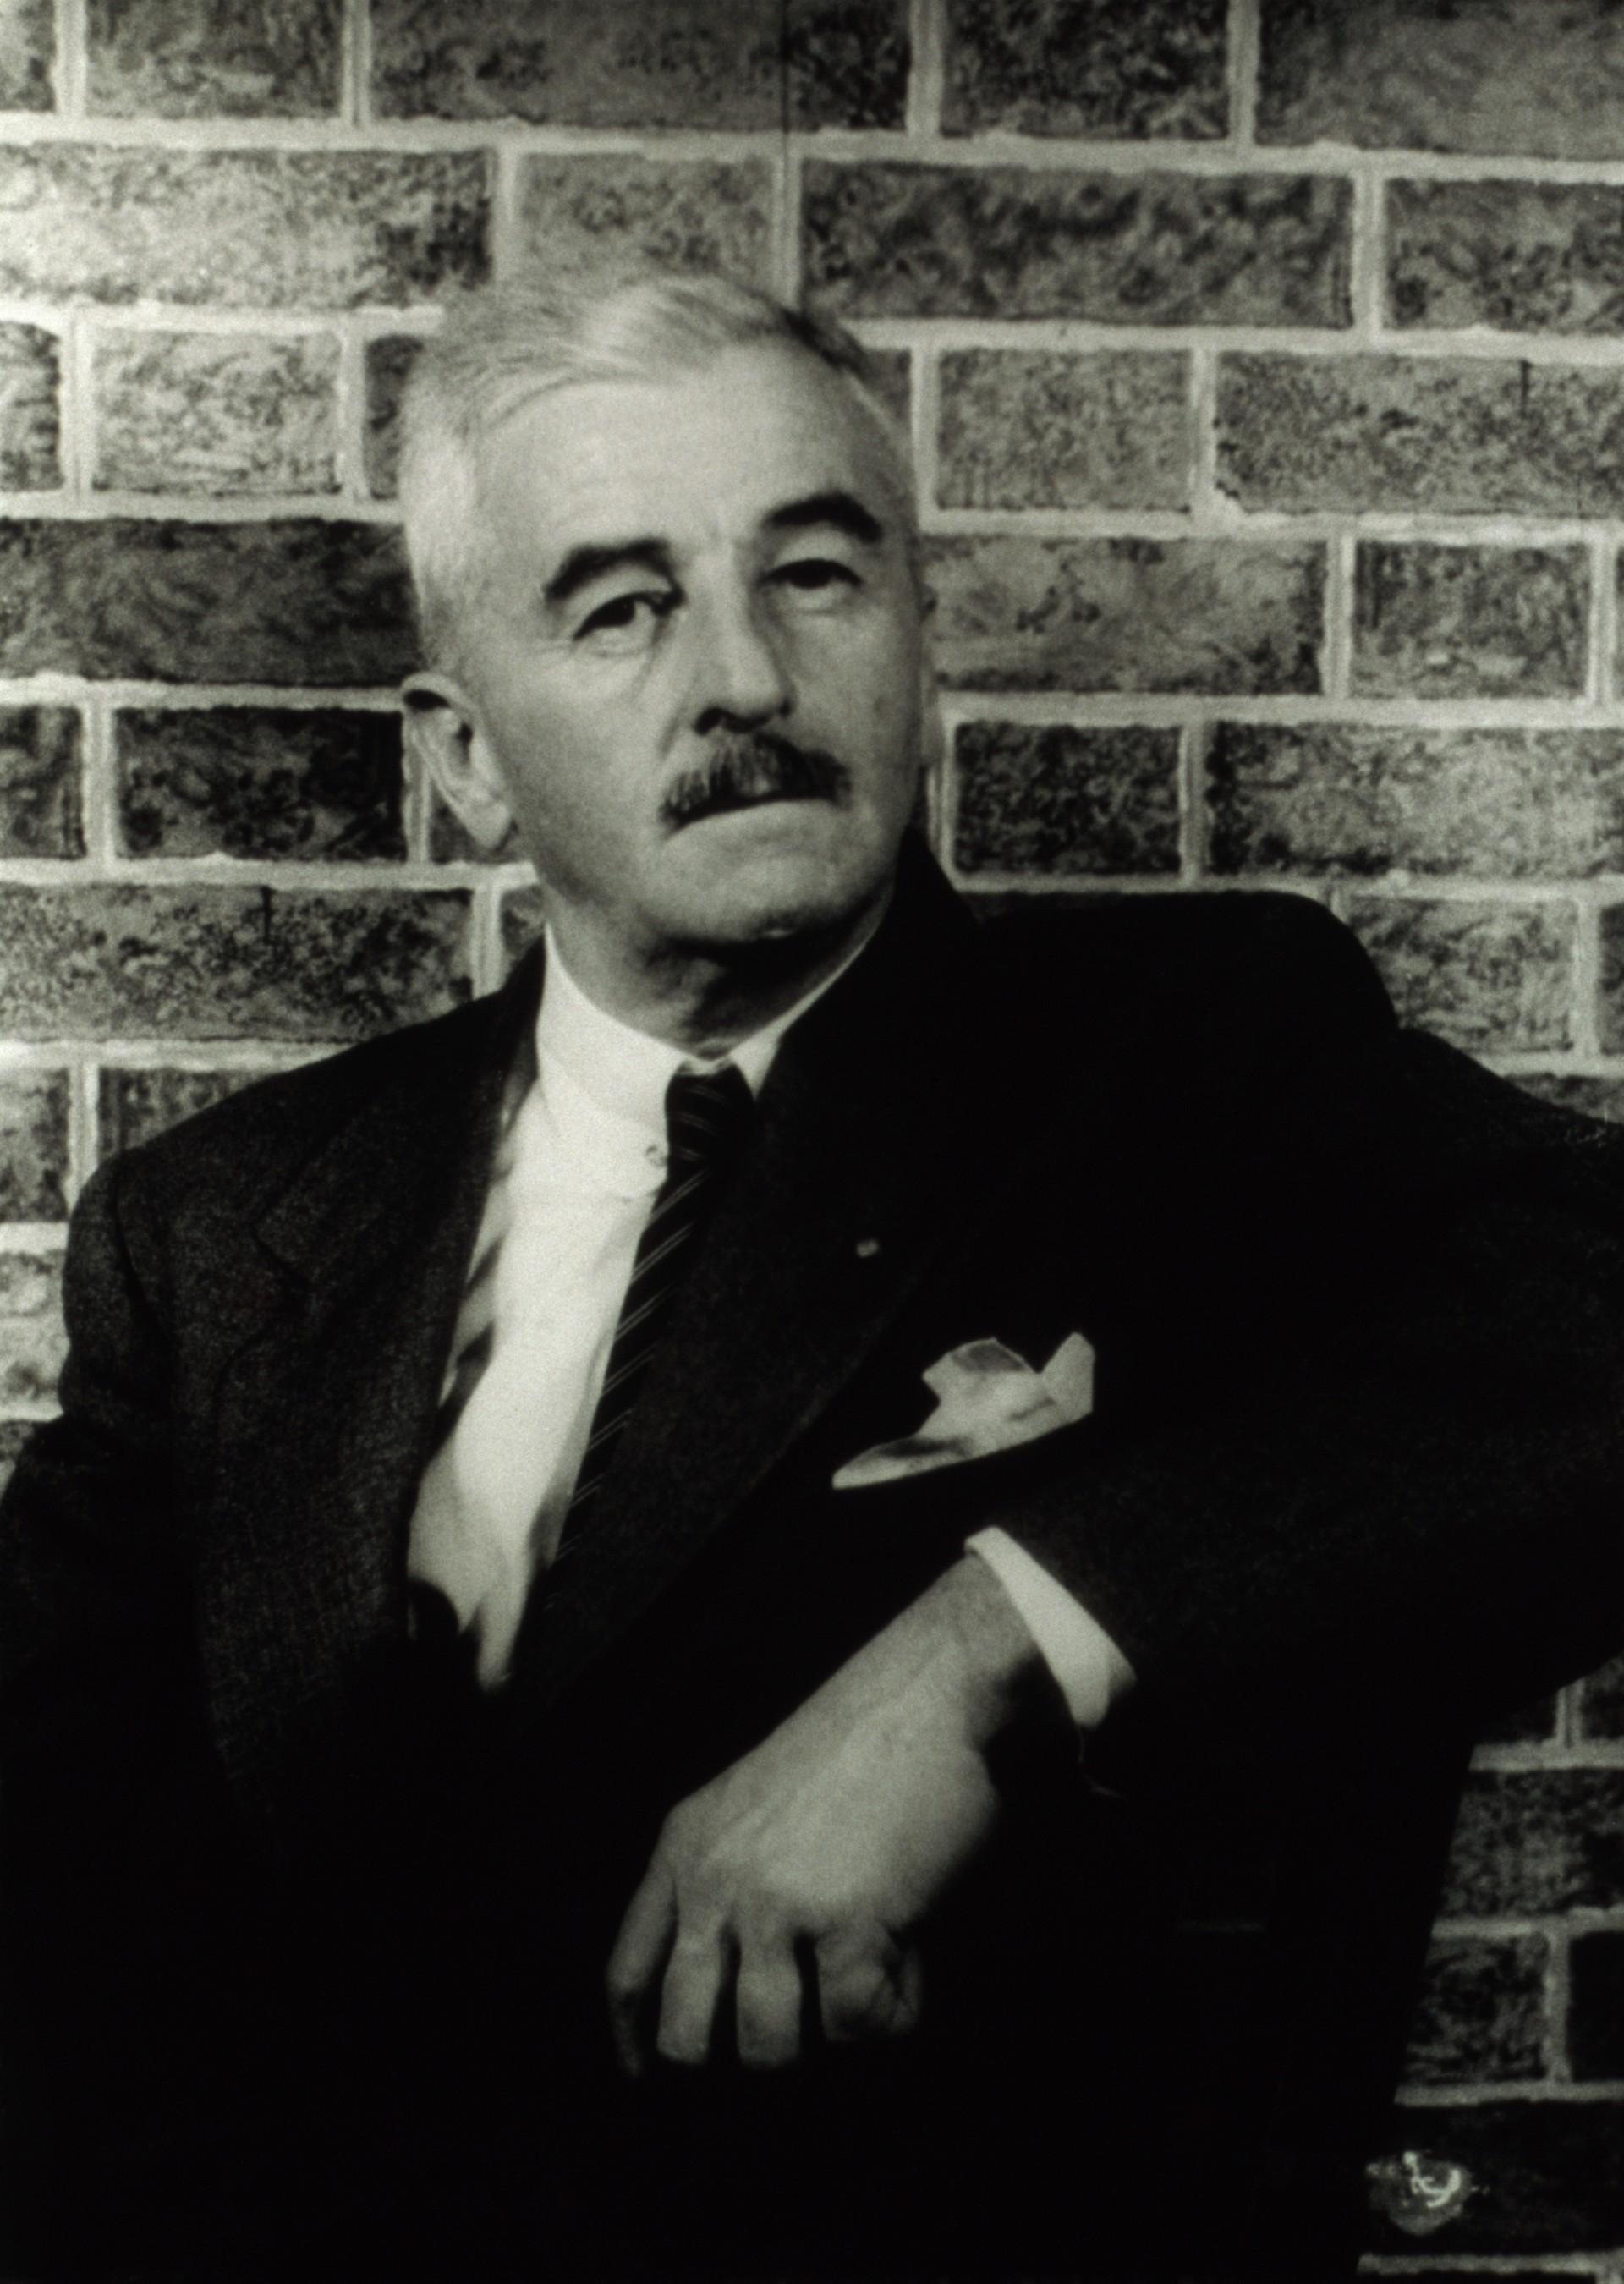 004 Essay Example William Faulkner Essays Carl Van Vechten  Stunning Topics1920